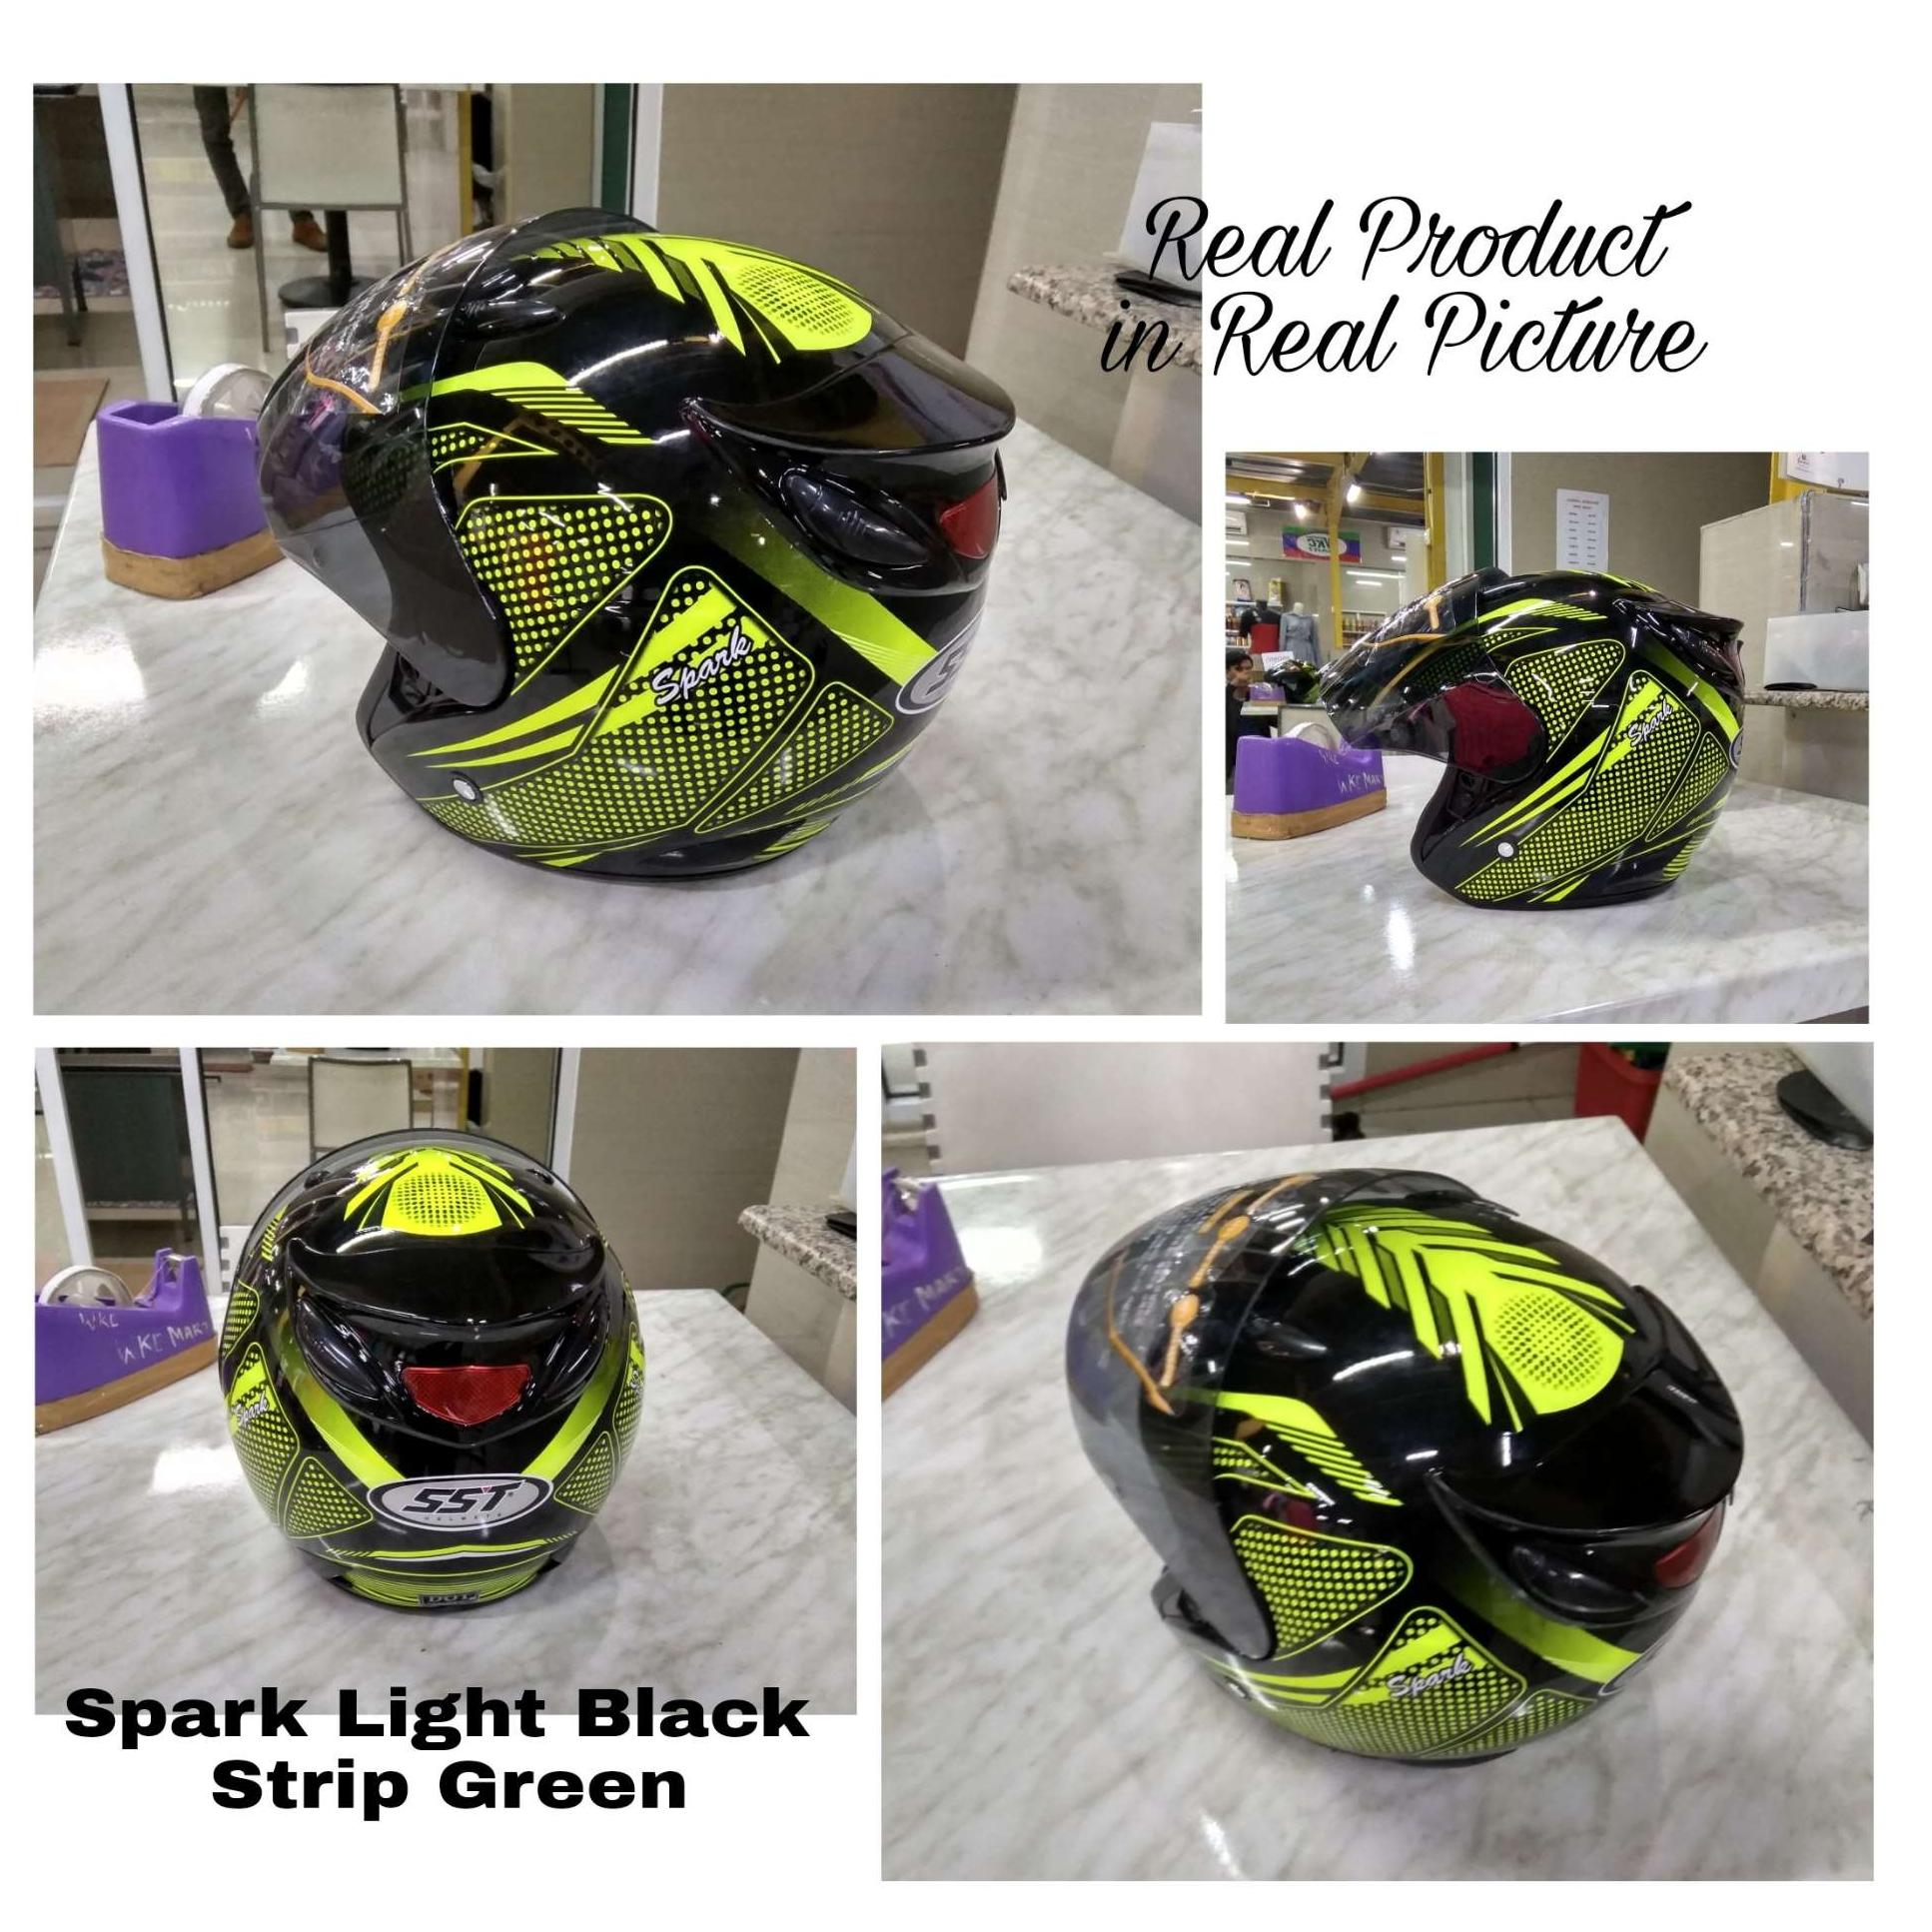 Harga Jual New Helm Retro Bogo Dengan Kulit Sni Wanita Motif Paris Untuk Dewasa Pria Dan Light Black Spark